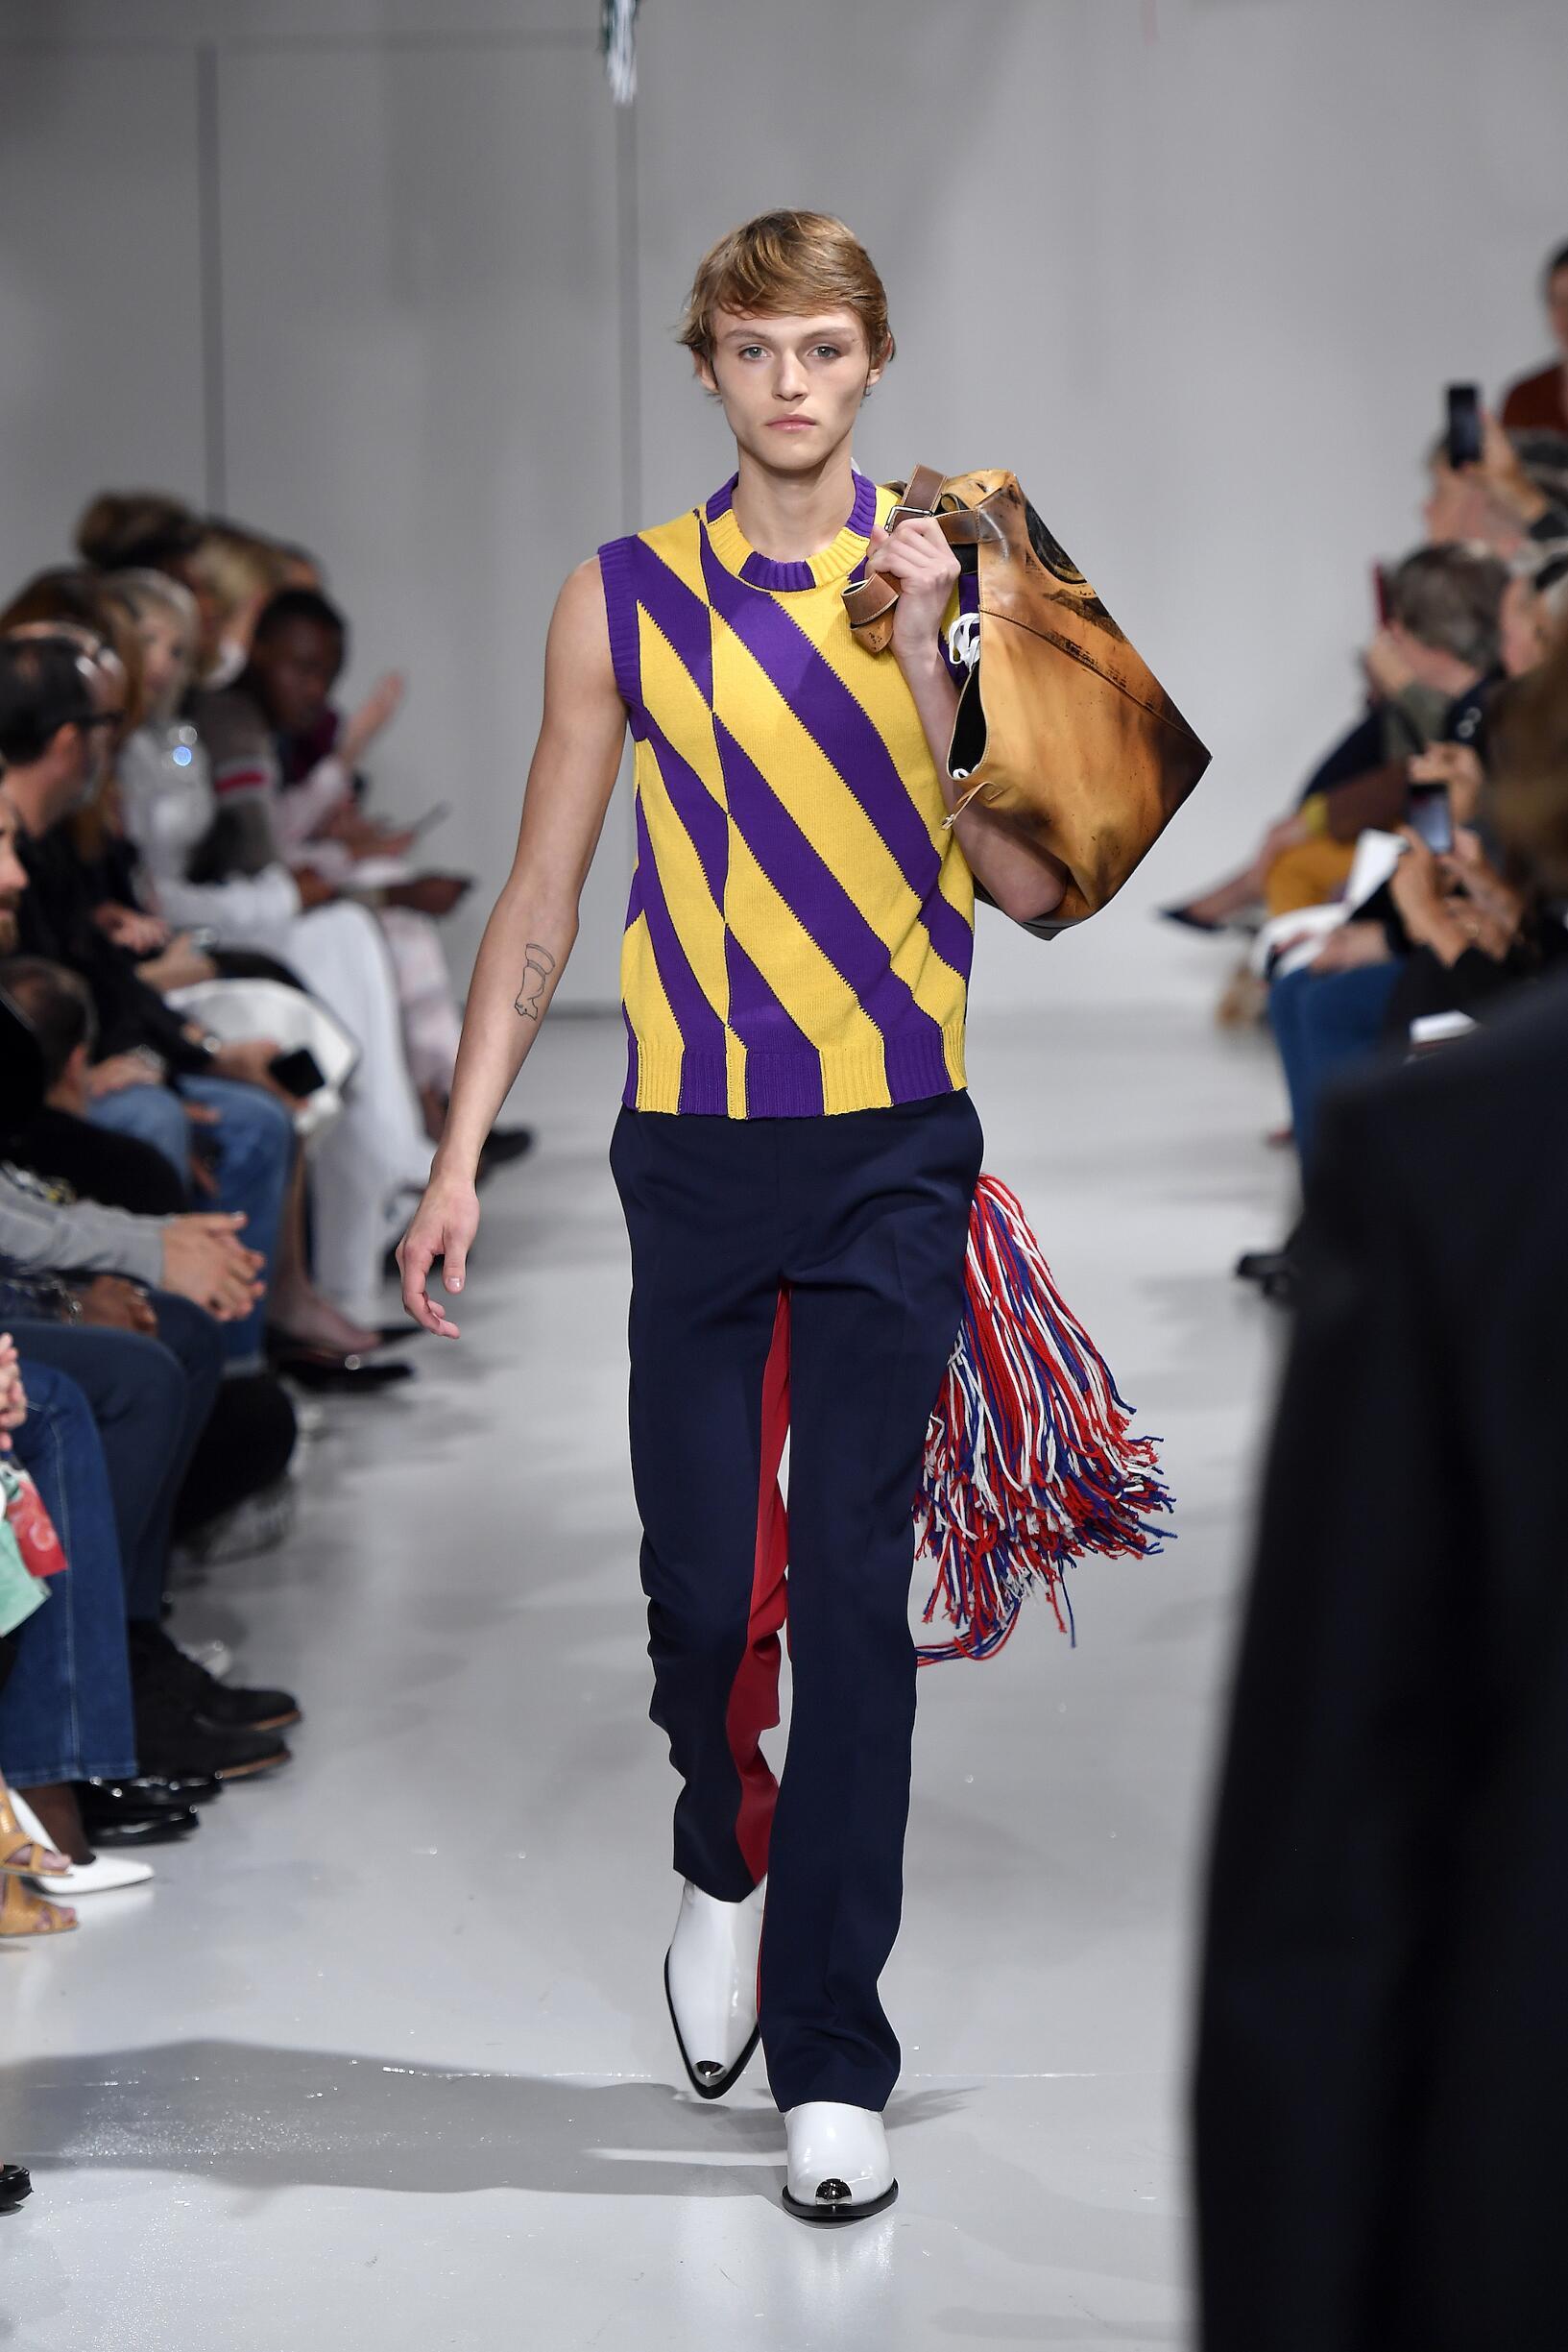 Fashion Week 2018 Catwalk Calvin Klein 205W39NYC